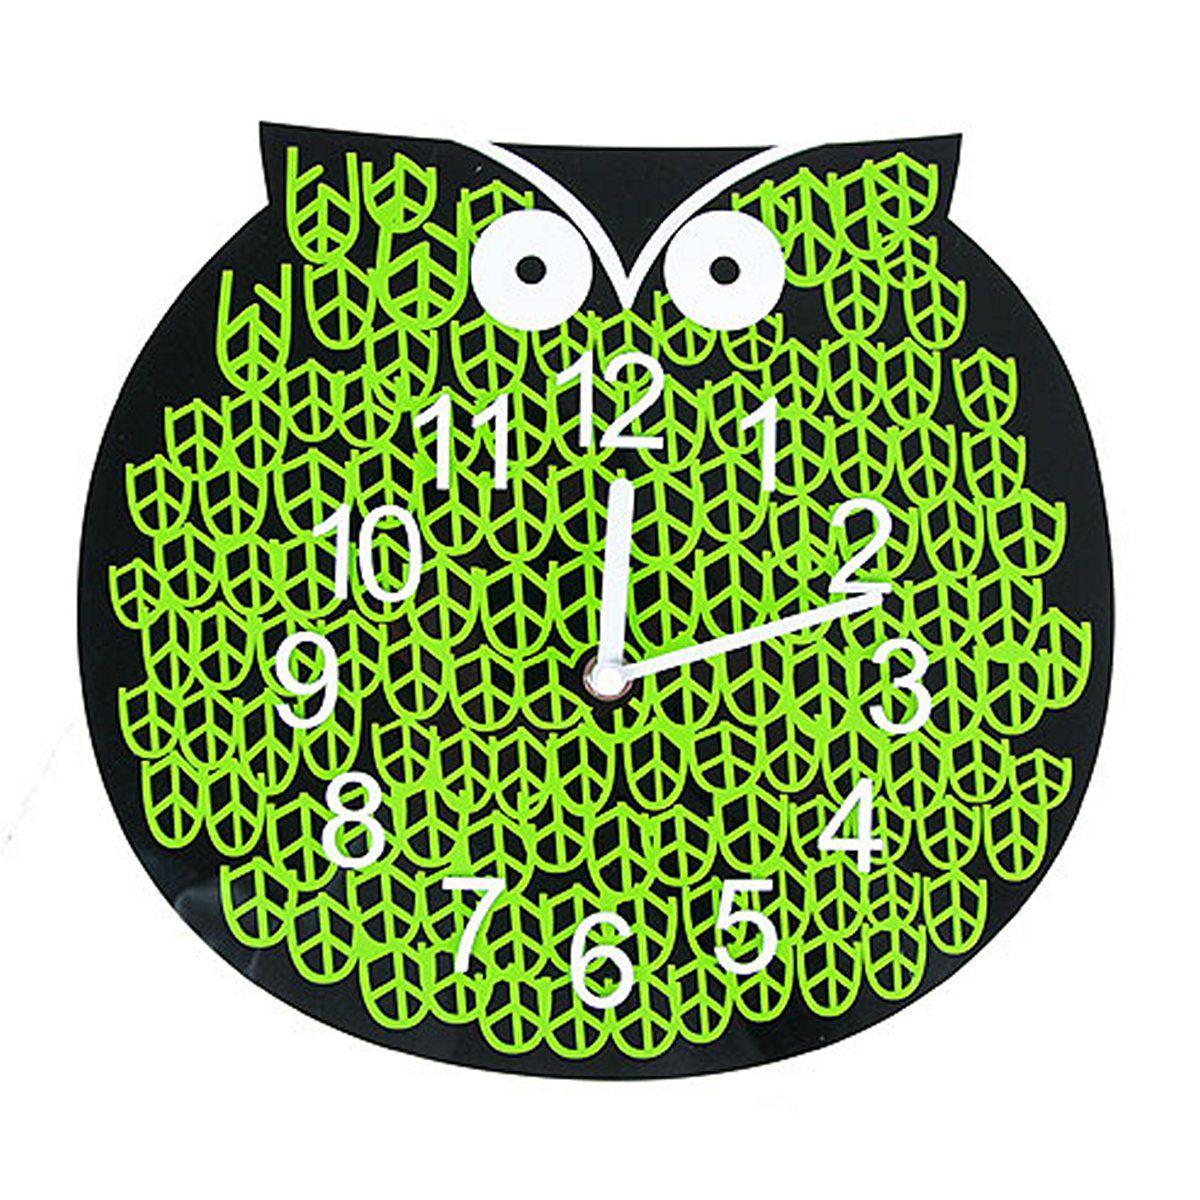 Часы настенные Русские Подарки, диаметр 30 см. 122417122417Настенные кварцевые часы Русские Подарки изготовлены из полиамида. Корпус оформлен изображением совы. Часы имеют две стрелки - часовую и минутную. С обратной стороны имеется петелька для подвешивания на стену. Такие часы красиво и оригинально оформят интерьер дома или офиса. Также часы могут стать уникальным, полезным подарком для родственников, коллег, знакомых и близких.Часы работают от батареек типа АА (в комплект не входят).